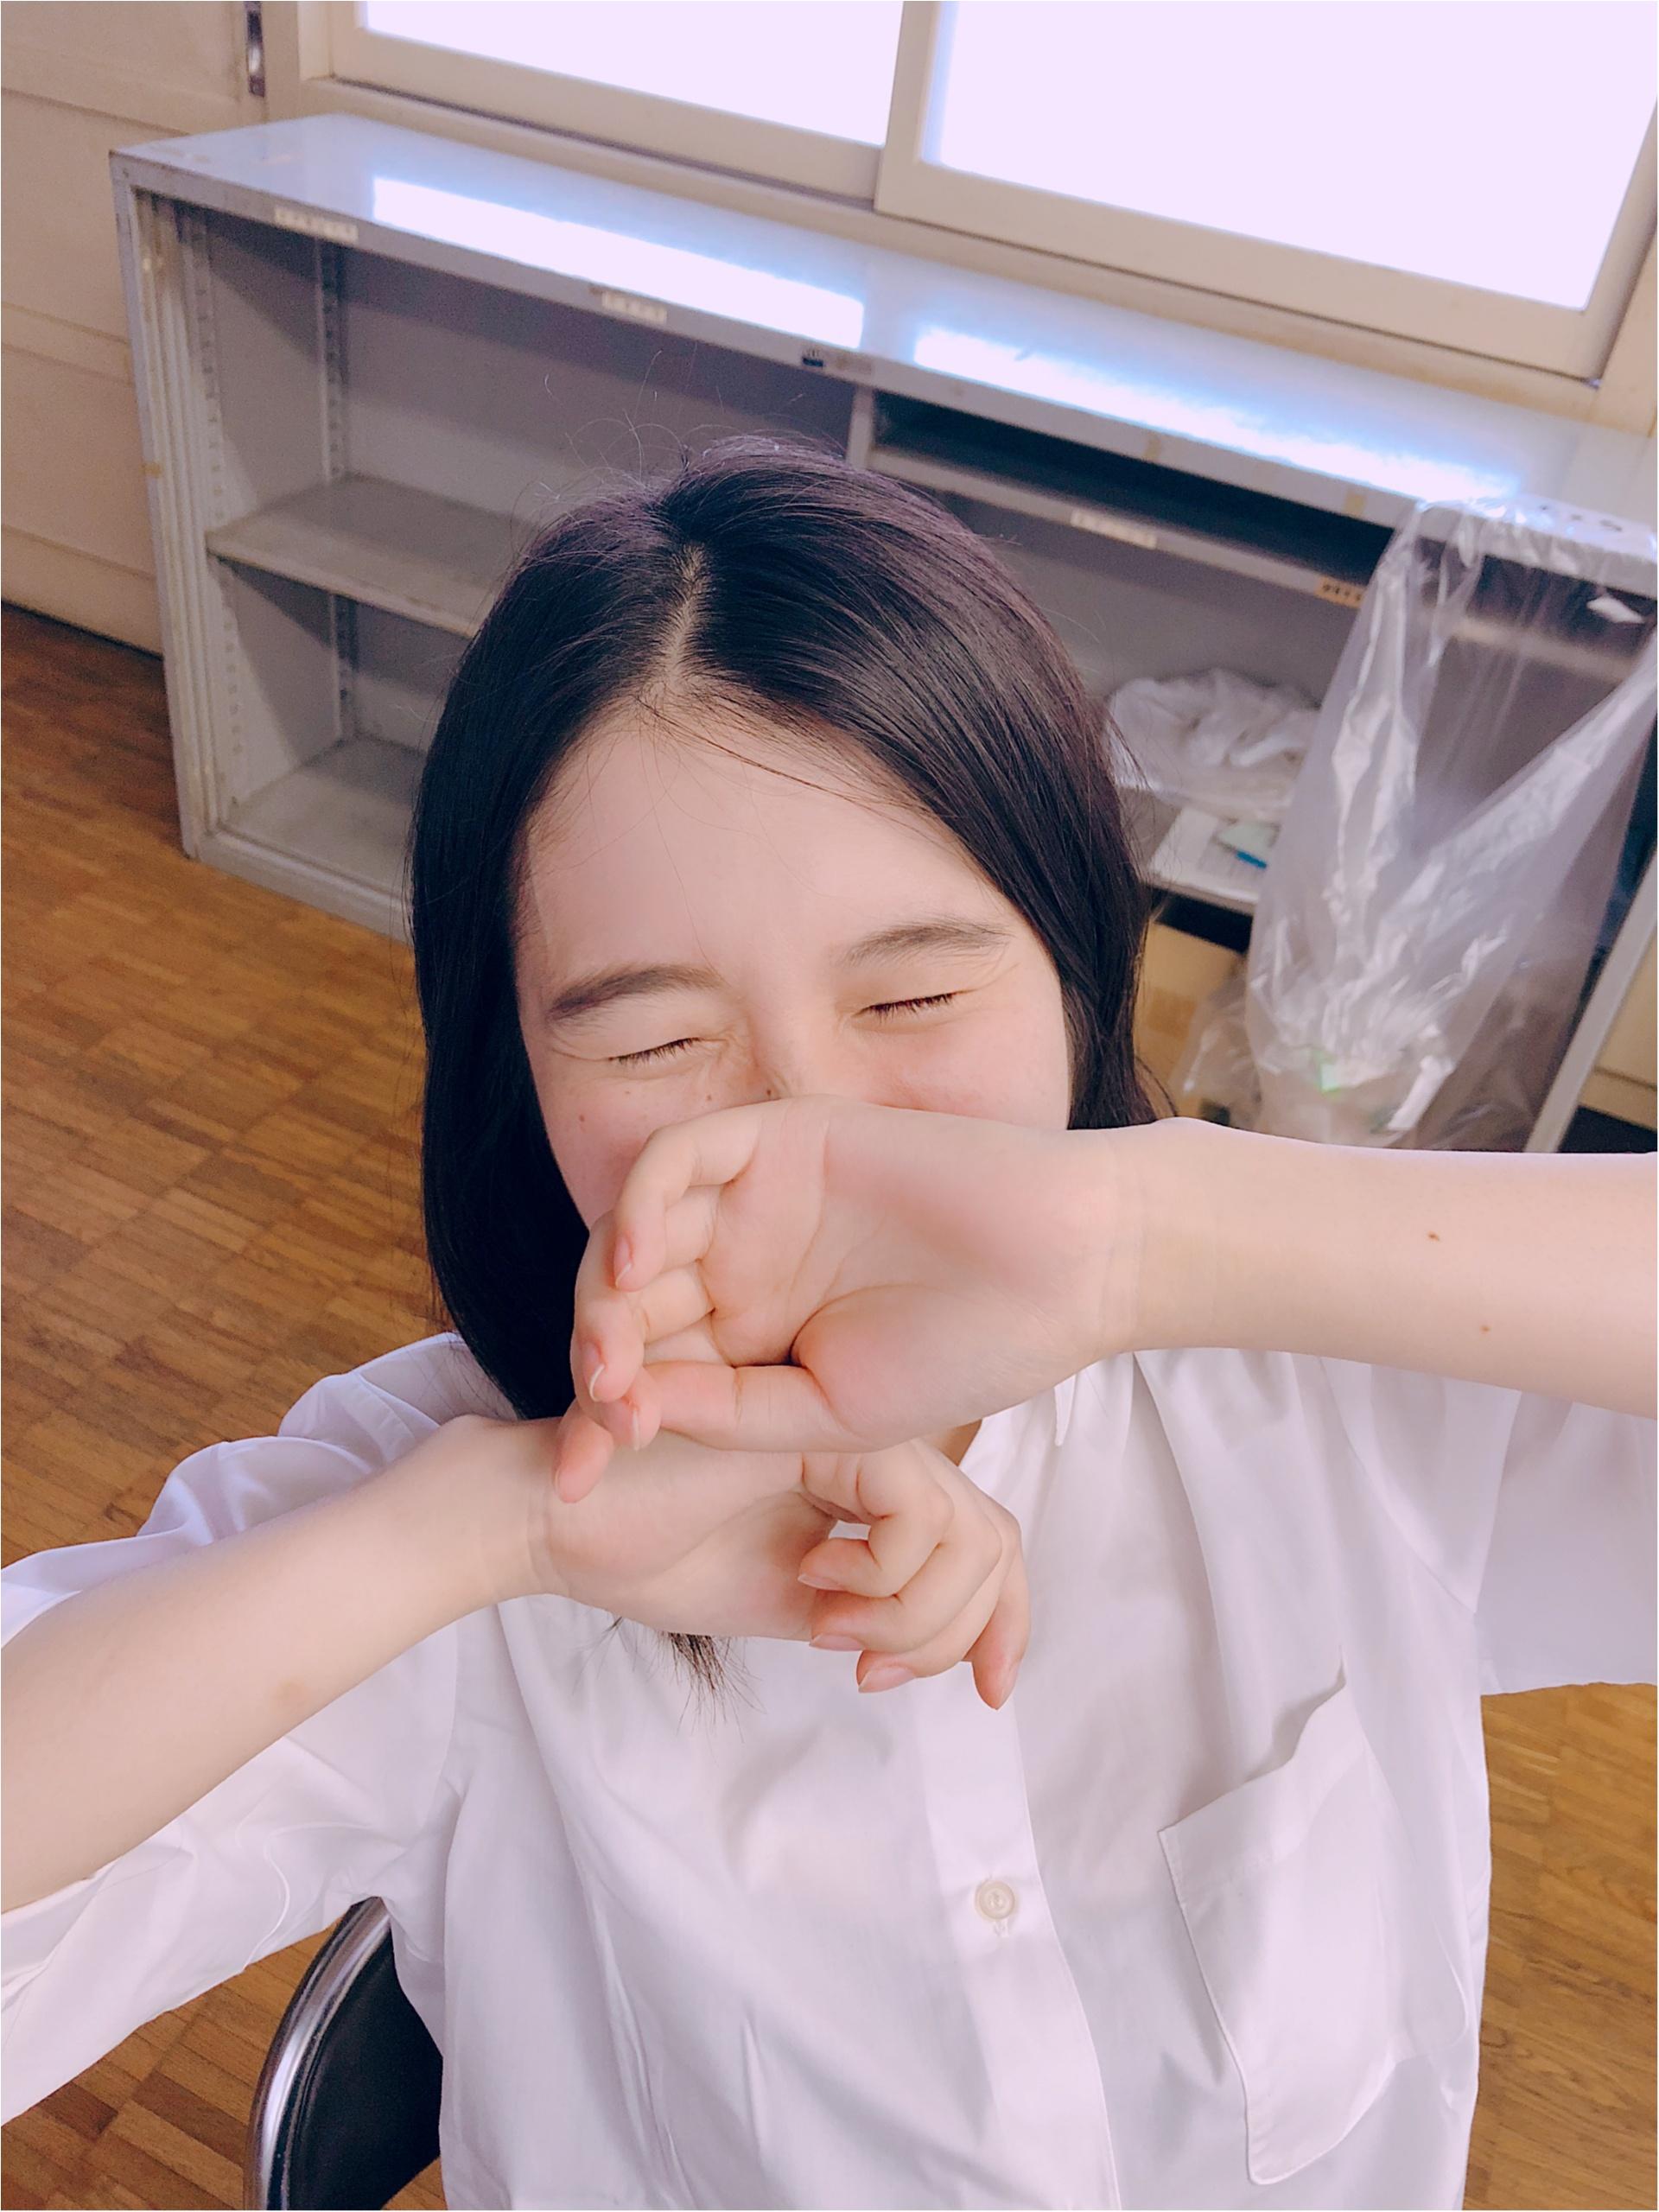 【理系女子×女優の肌ケア】忙しい時でも、-10歳肌を保て!オススメ肌ケア方法と映画撮影の楽屋裏♡_2